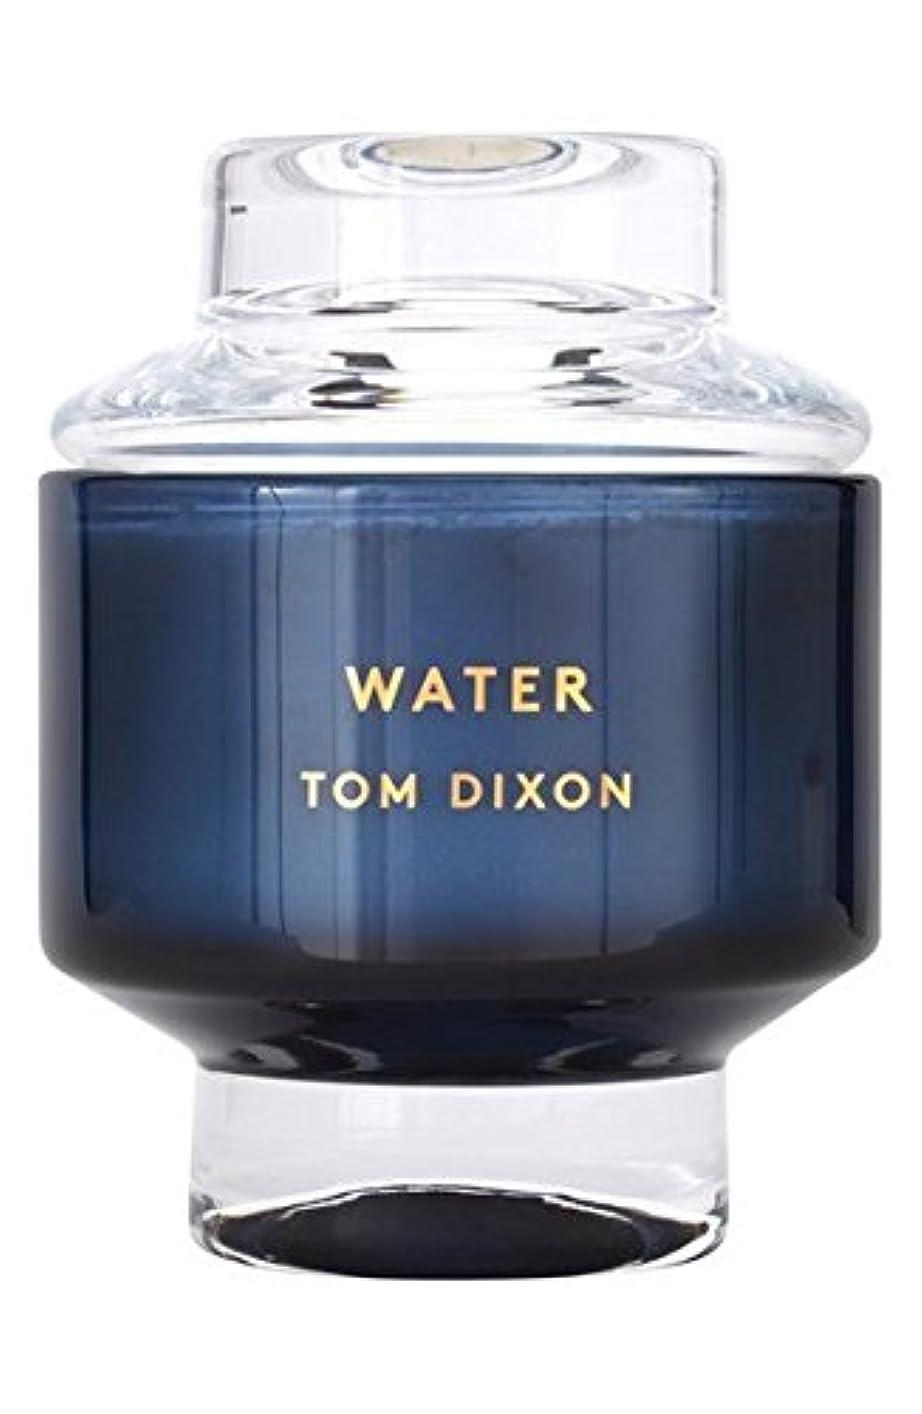 束ベリどっちでもTom Dixon 'Water' Candle (トム ディクソン 'ウオーター' キャンドル中)Midium